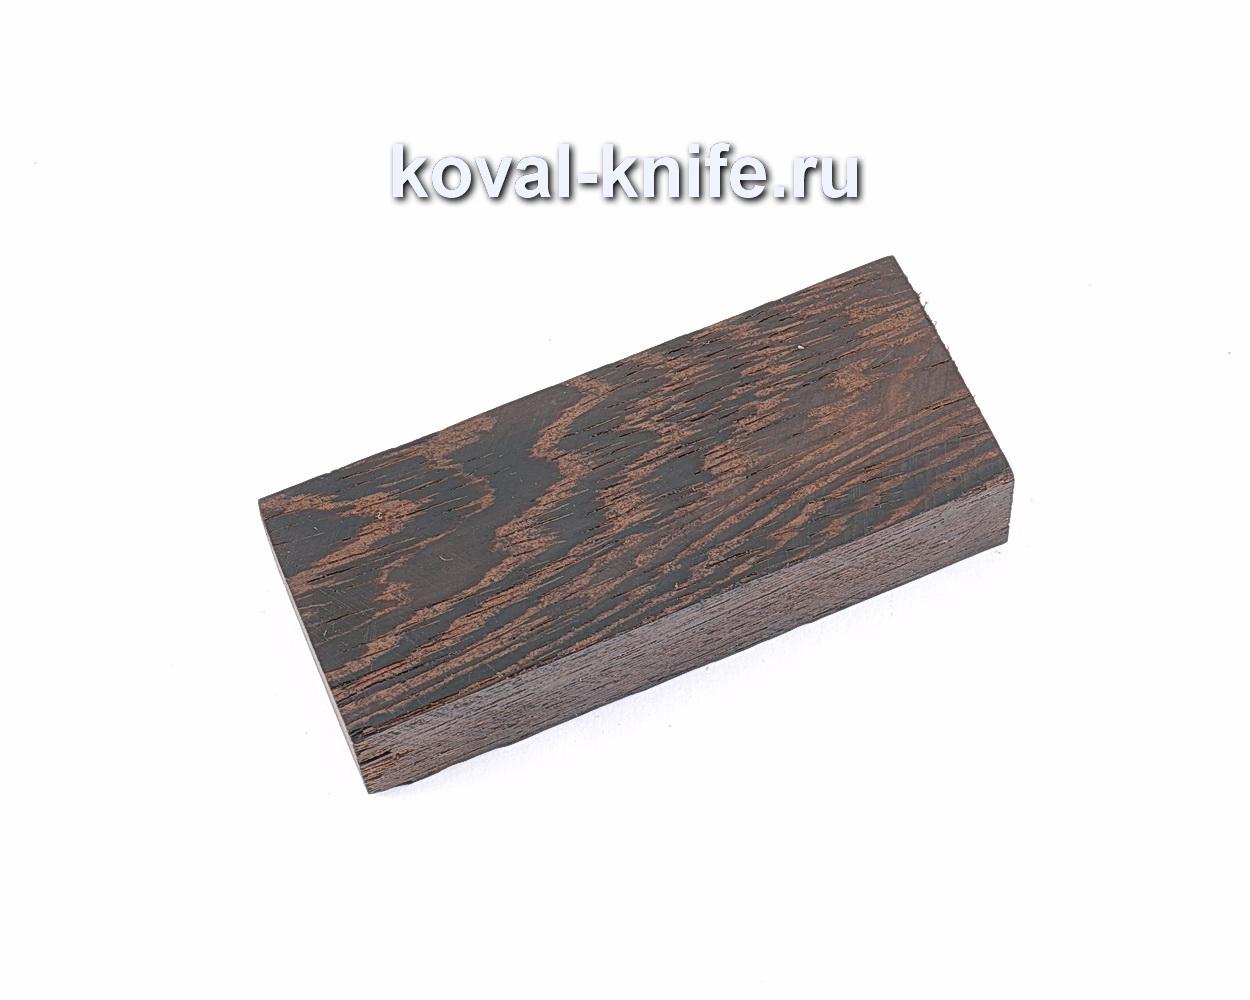 Брусок Венге для рукоятки ножа